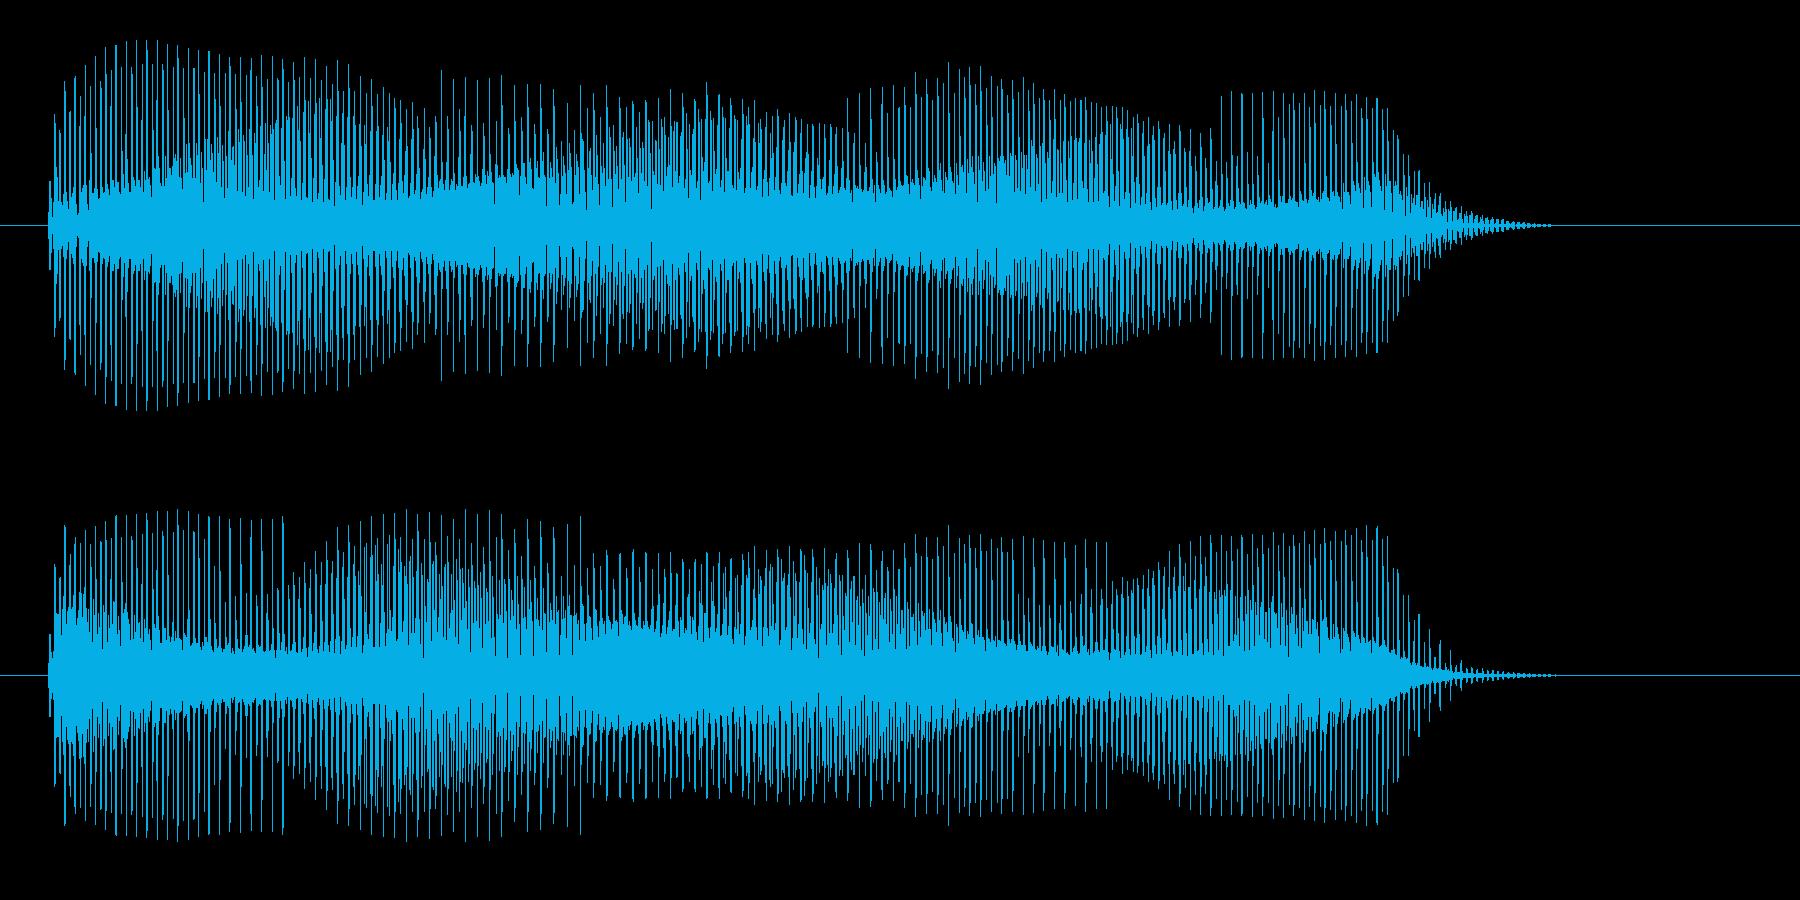 魔法攻撃_重力波の再生済みの波形